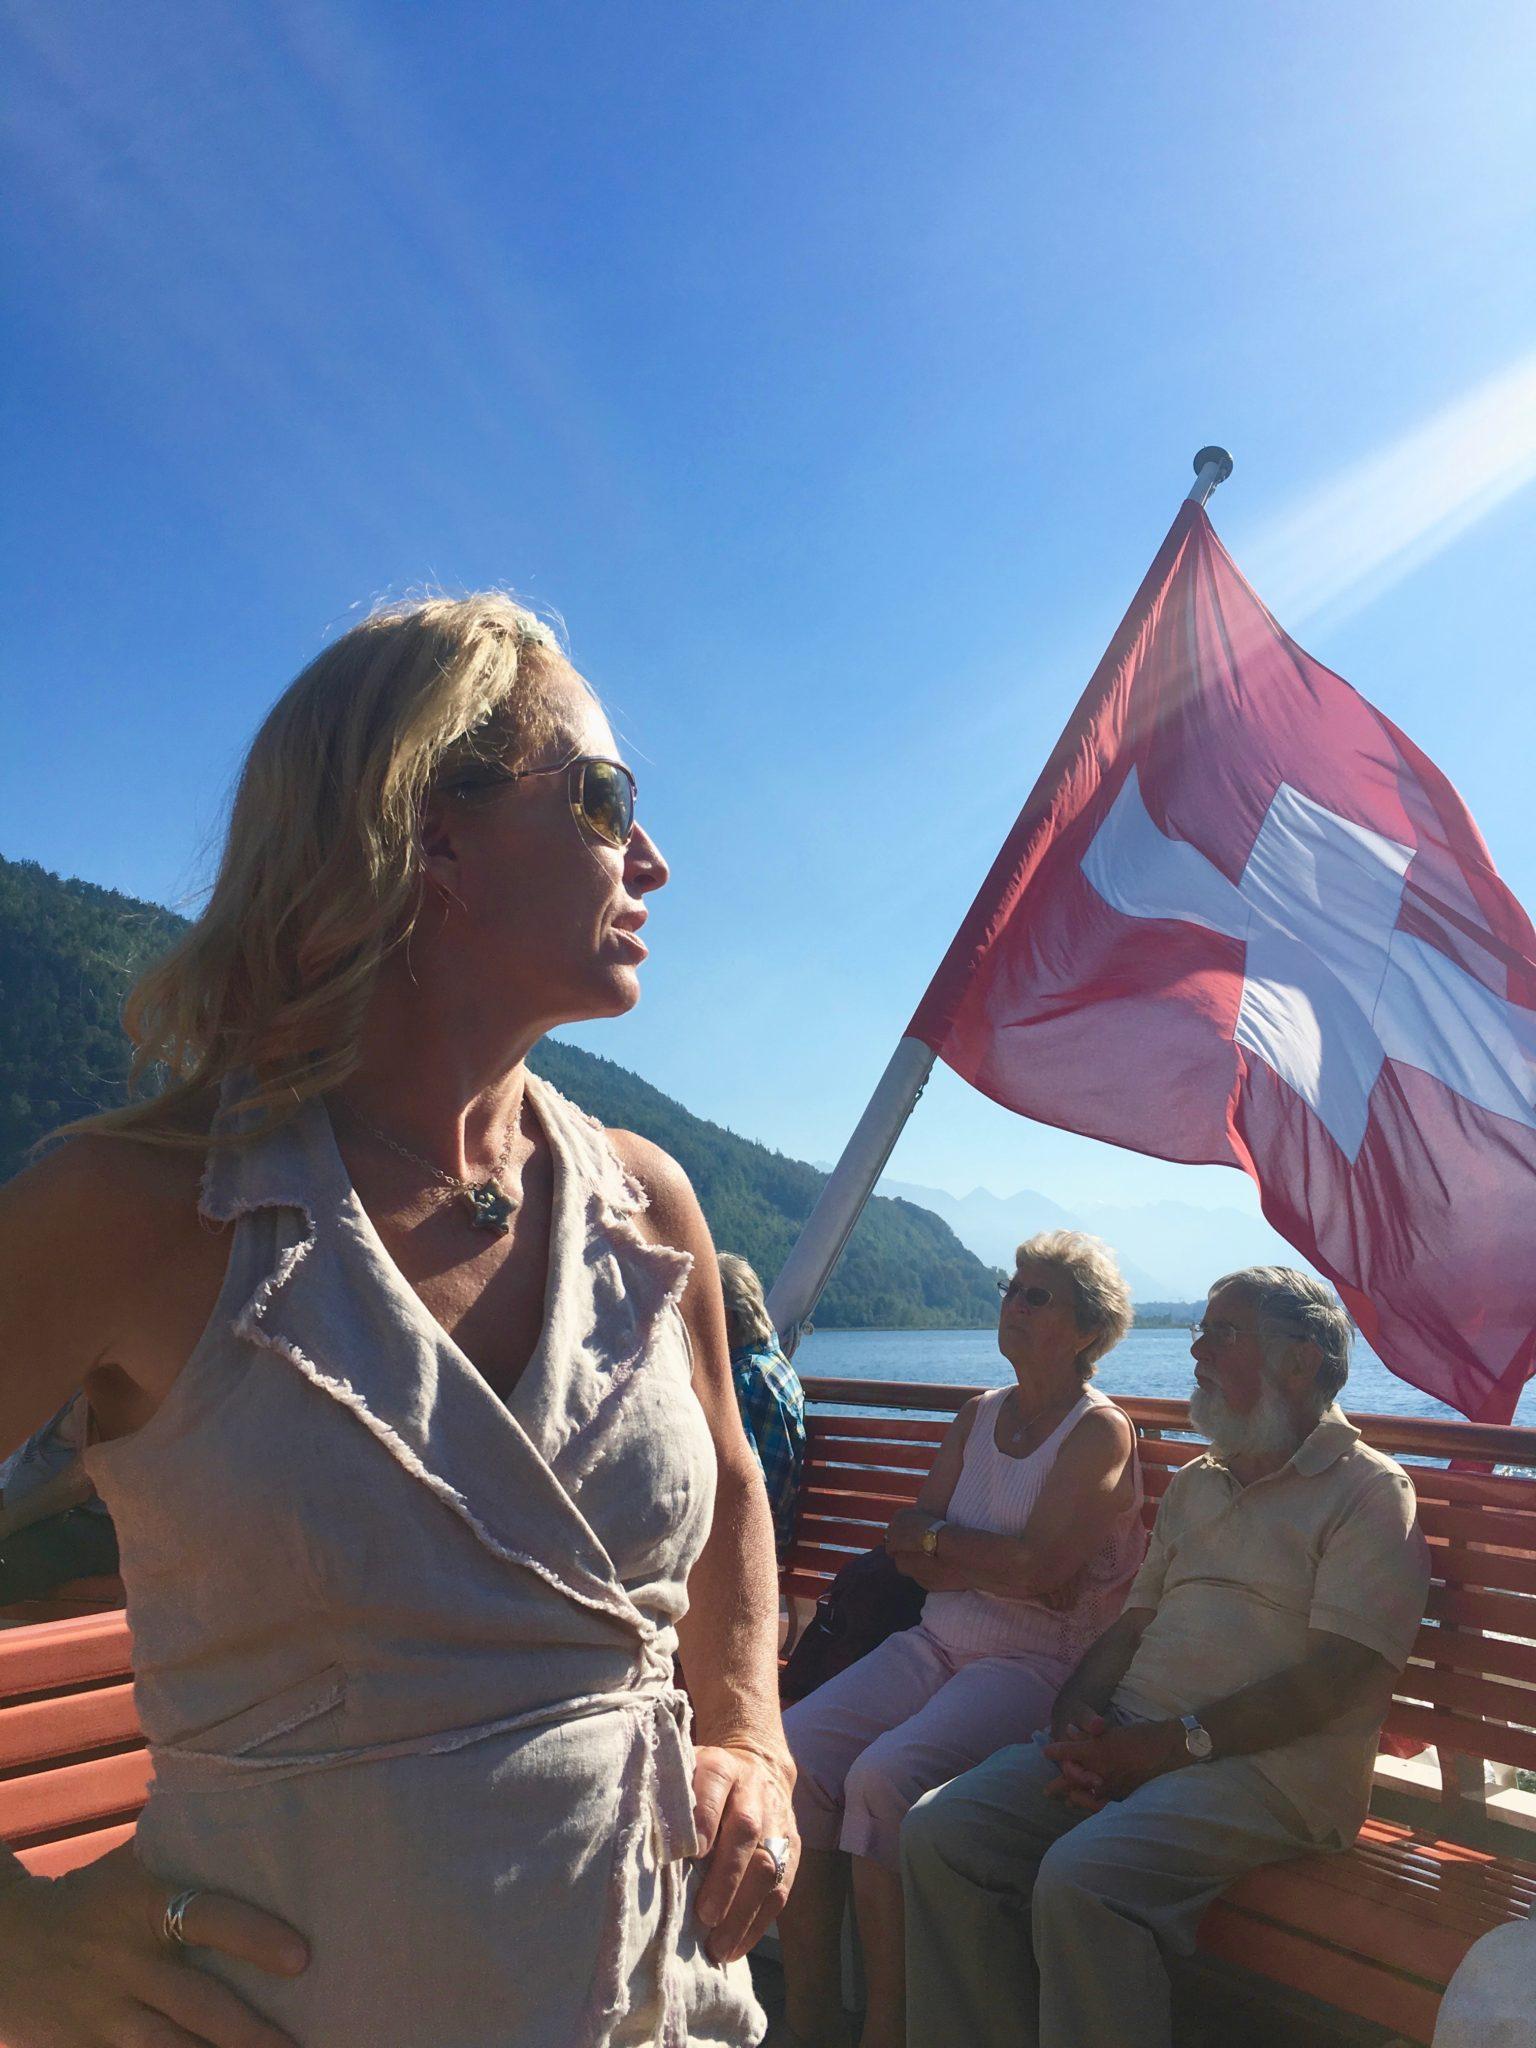 HOMELAND, Diana Pinck, Vierwaldstättersee, 24. August 2016